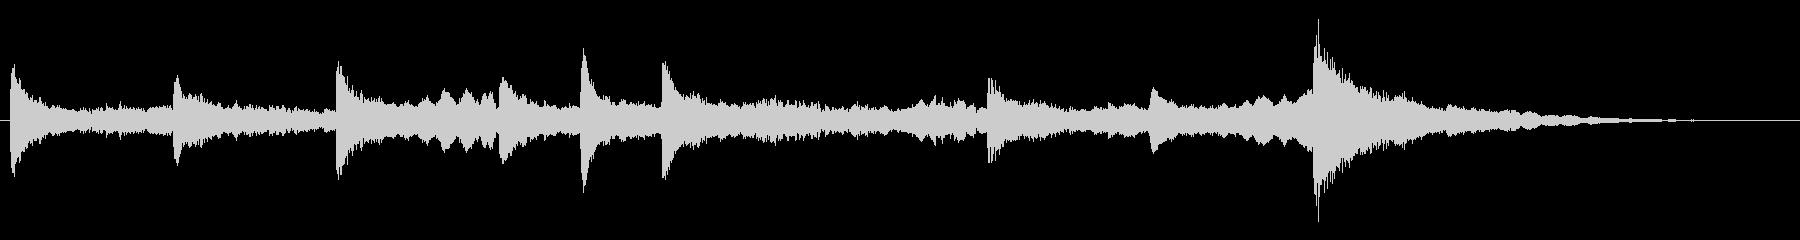 アコースティック楽器とエレクトリッ...の未再生の波形